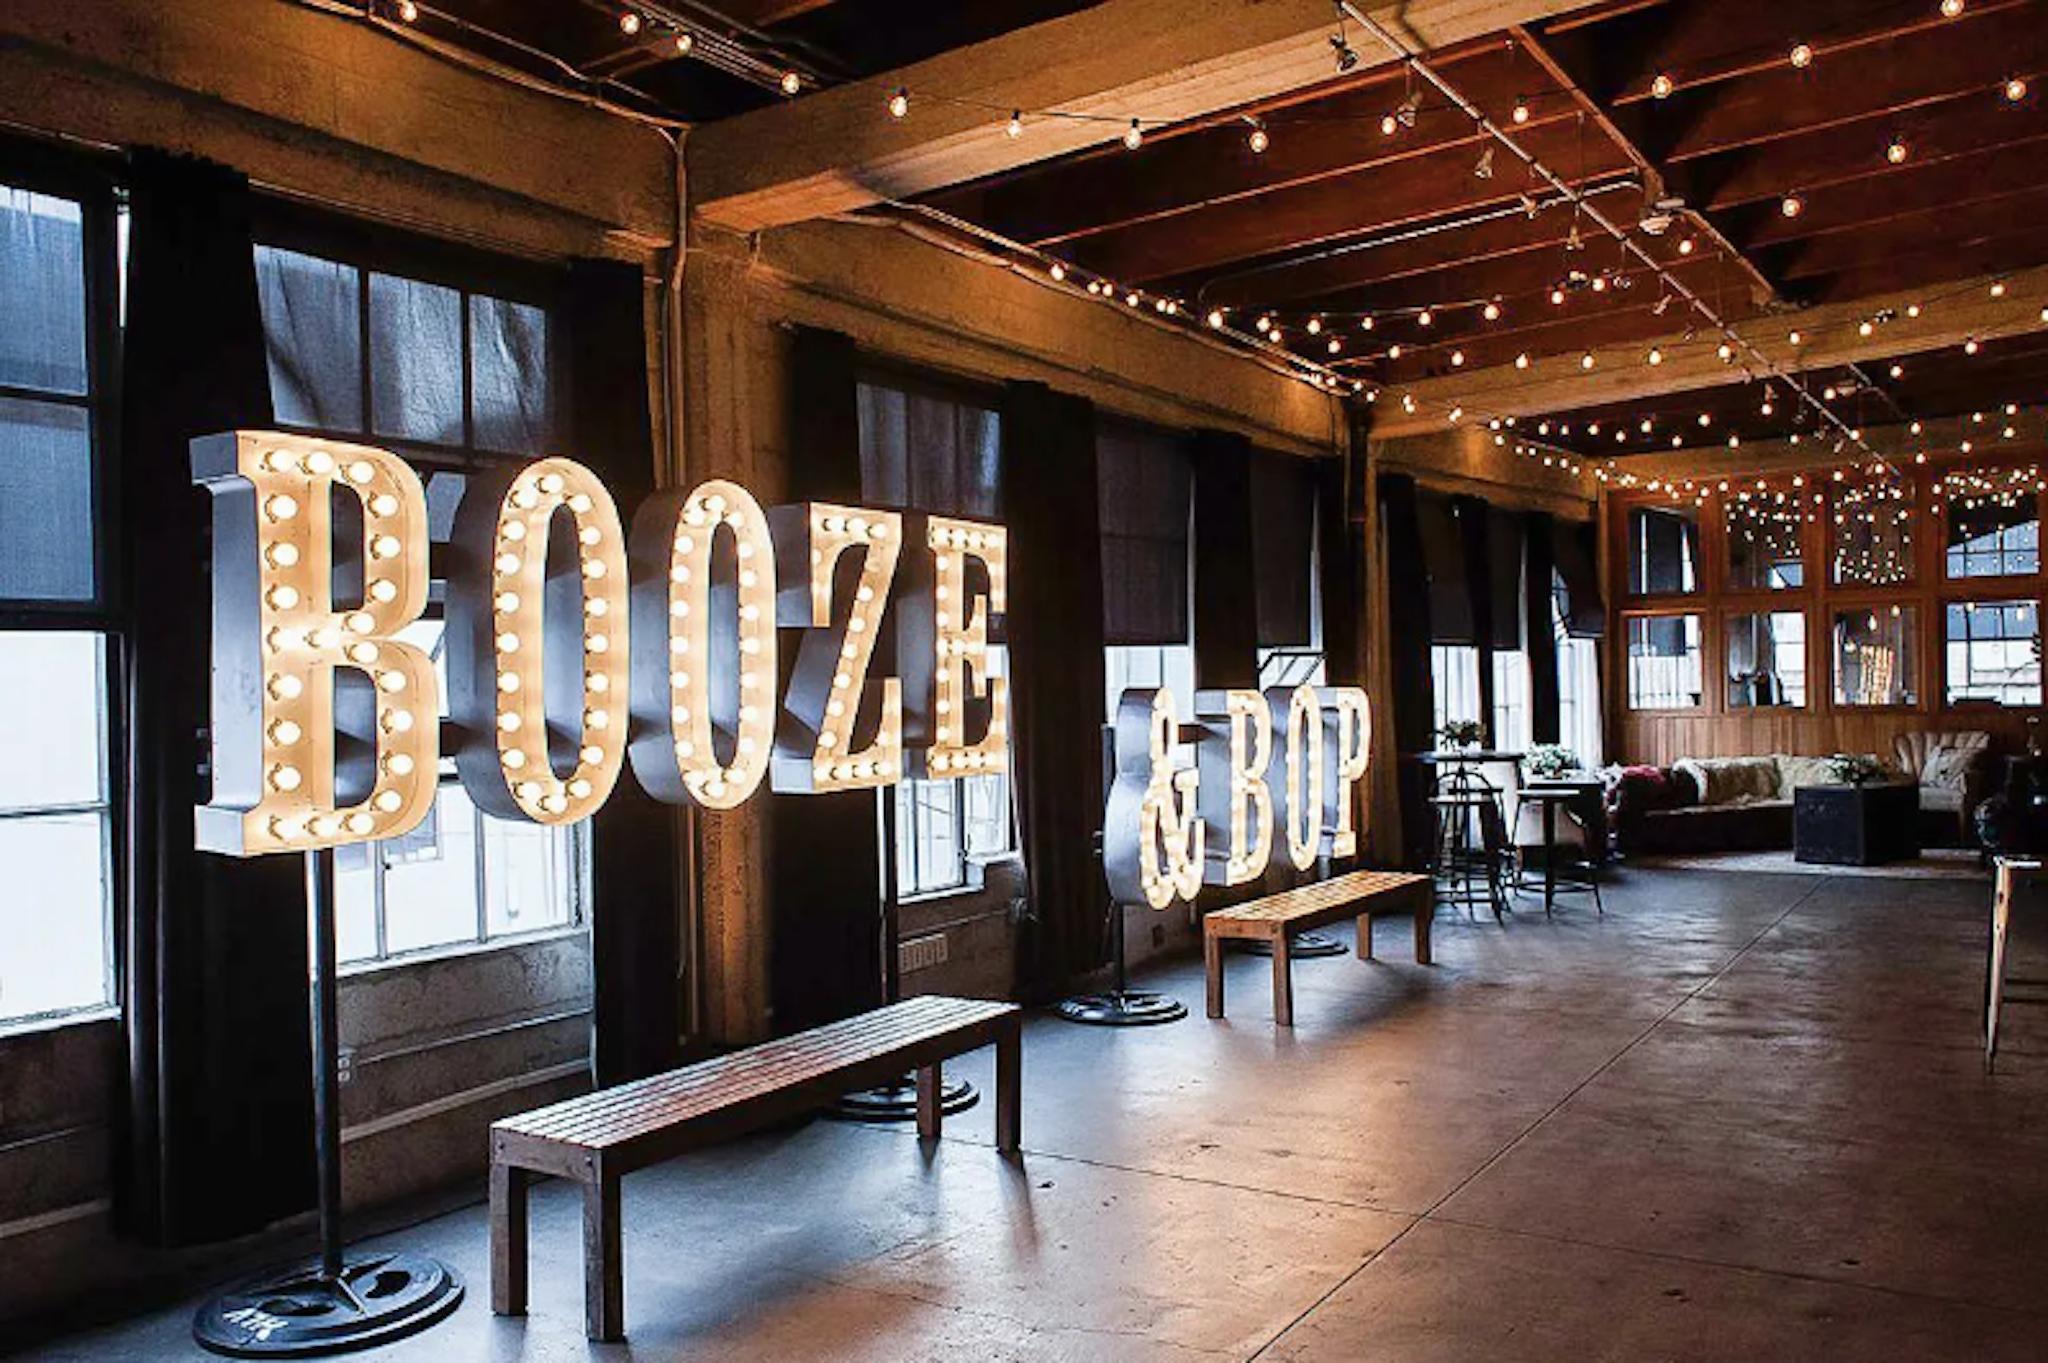 The Box SF Bay Area venue